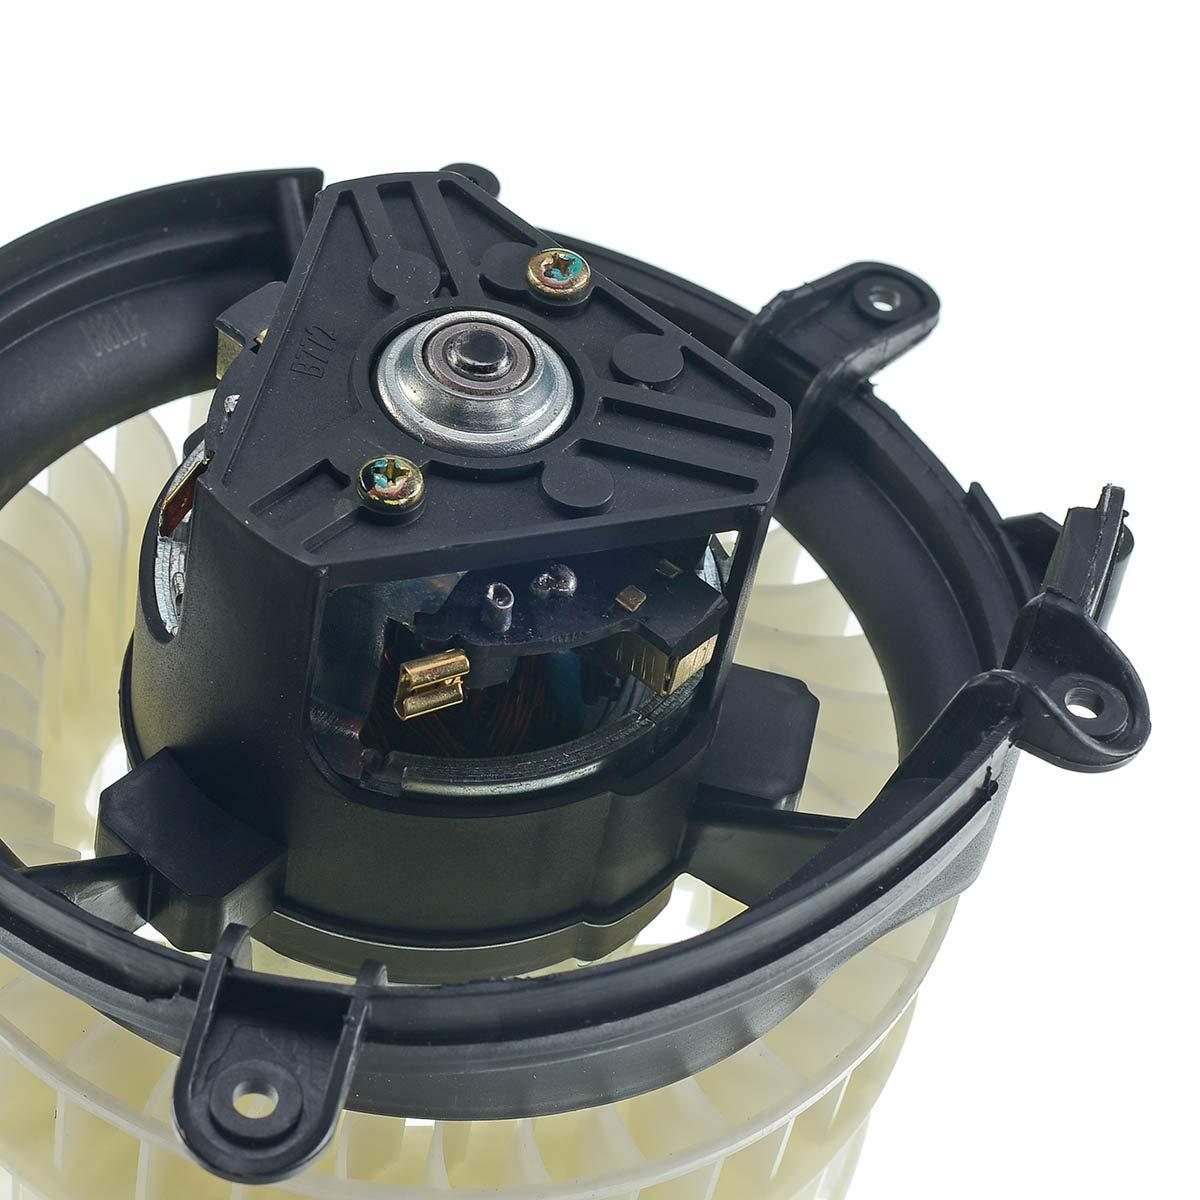 Ventola di riscaldamento anteriore per abitacolo per classe C W202 T-Model S202 CLK C208 A208 SLK R170 1993-2004 2028209342